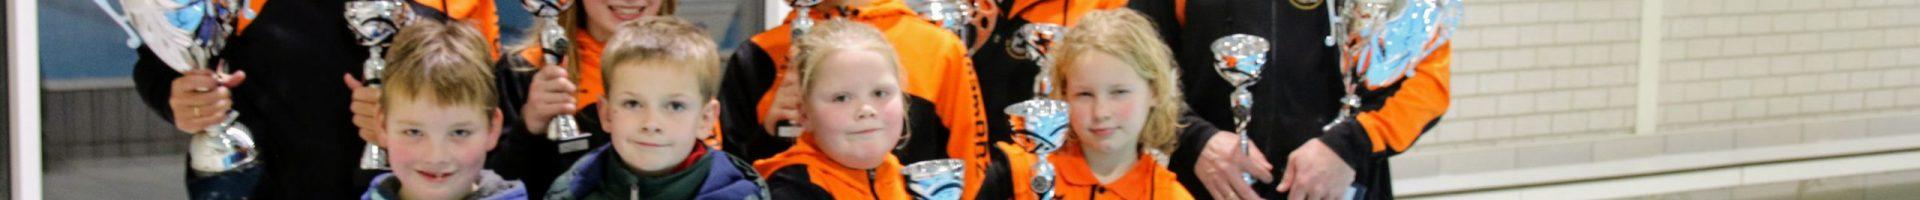 Lisman, Groeneveld, Wijnja en Cornet clubkampioenen Biesboschzwemmers